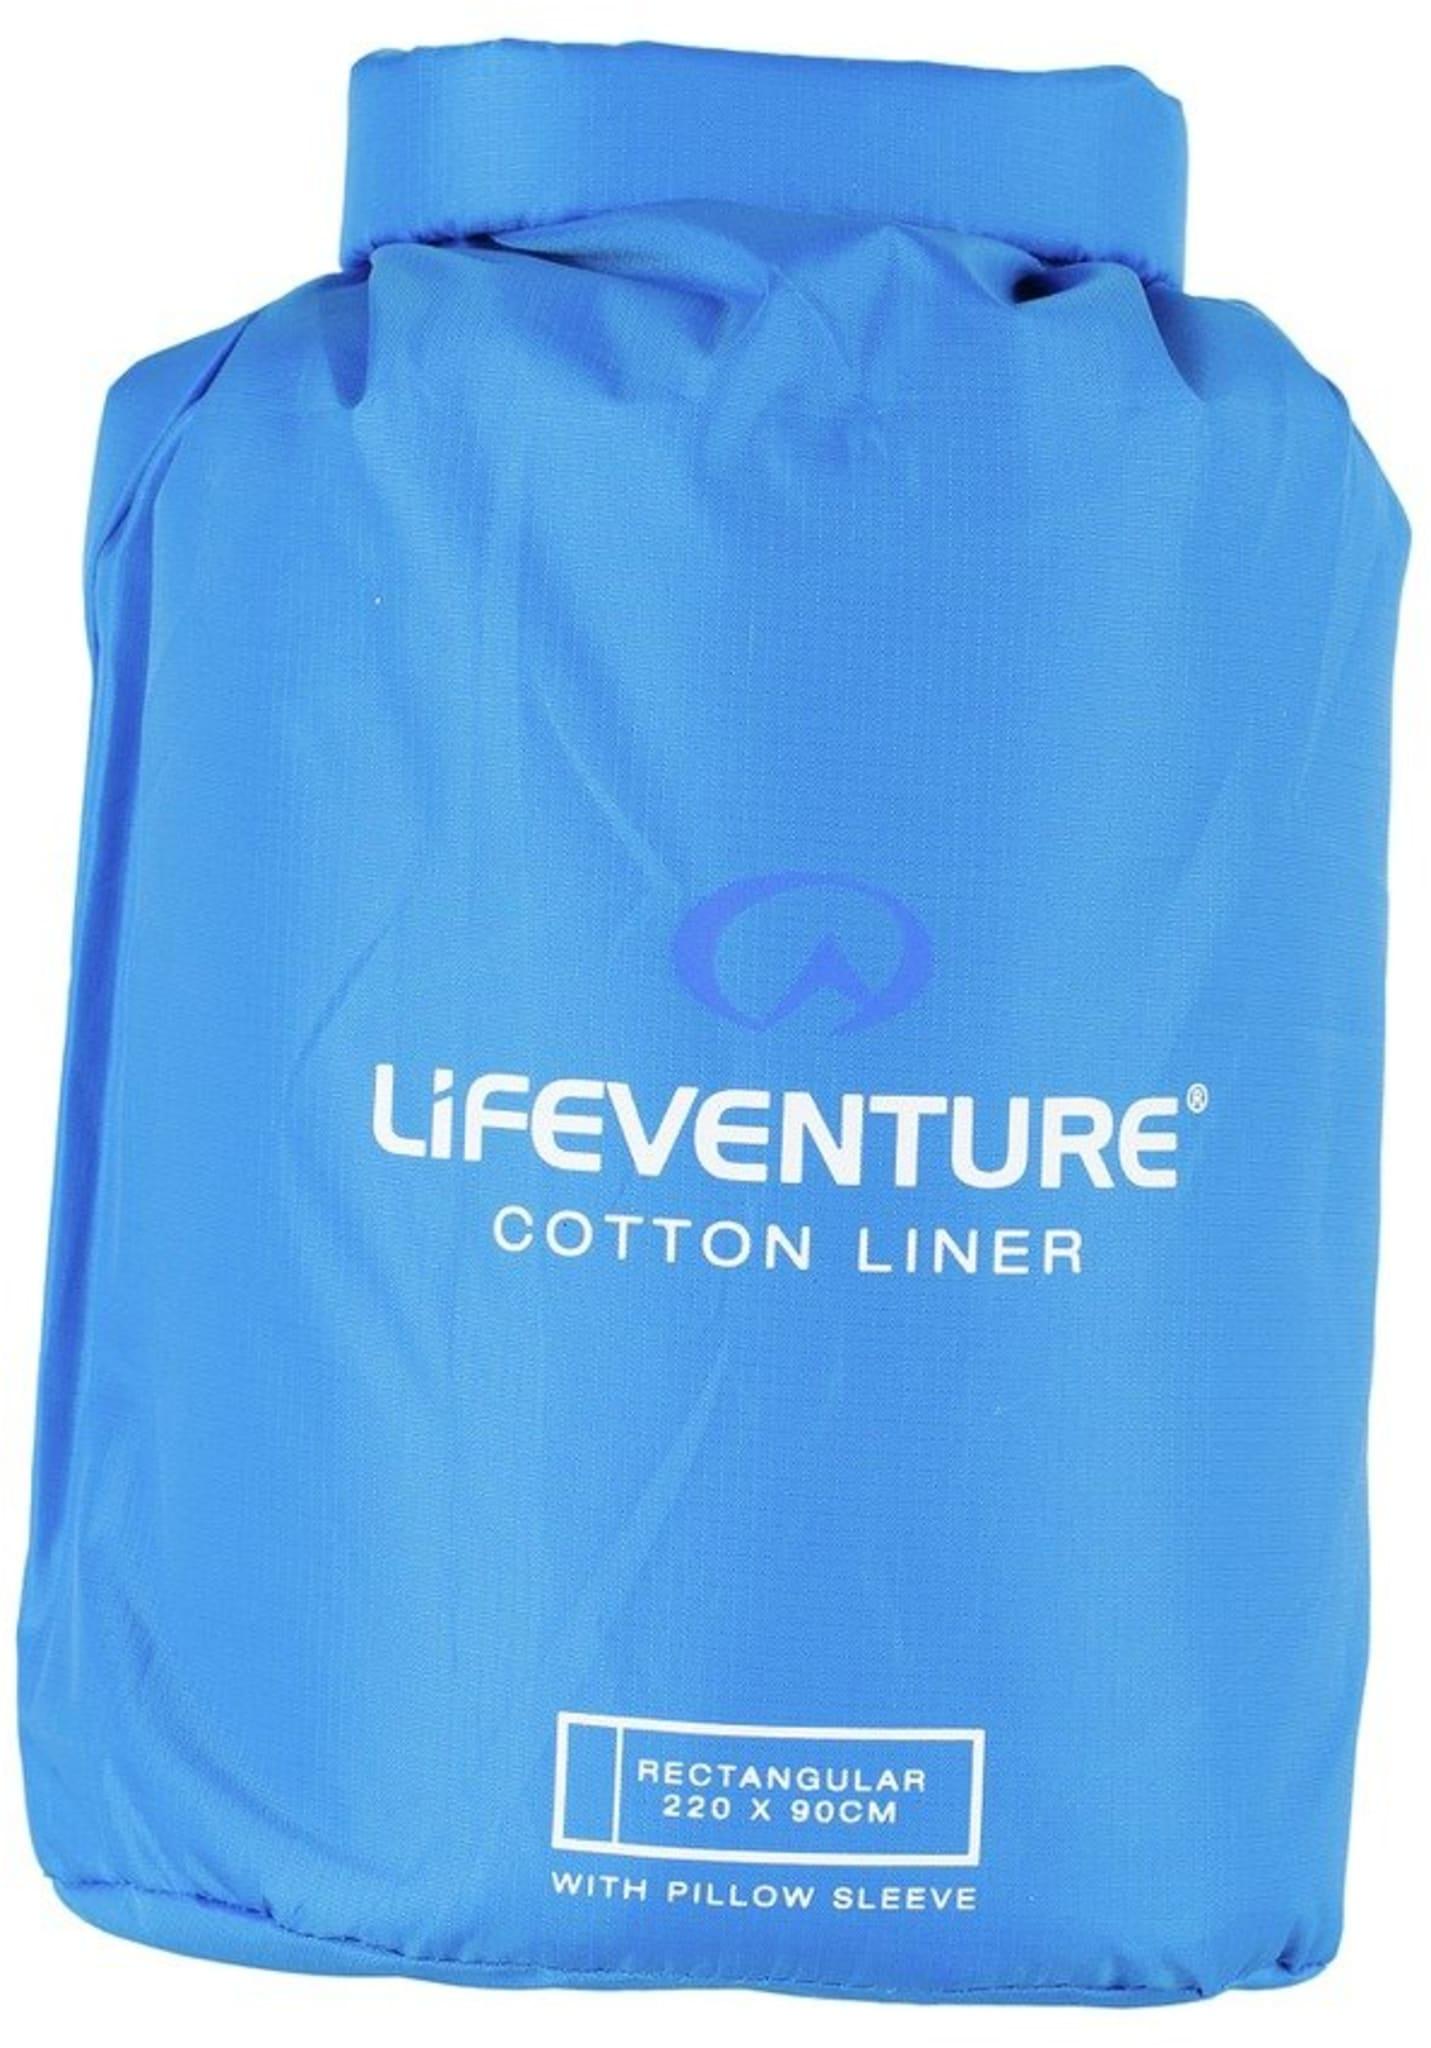 Lakenpose Cotton Liner Antibac